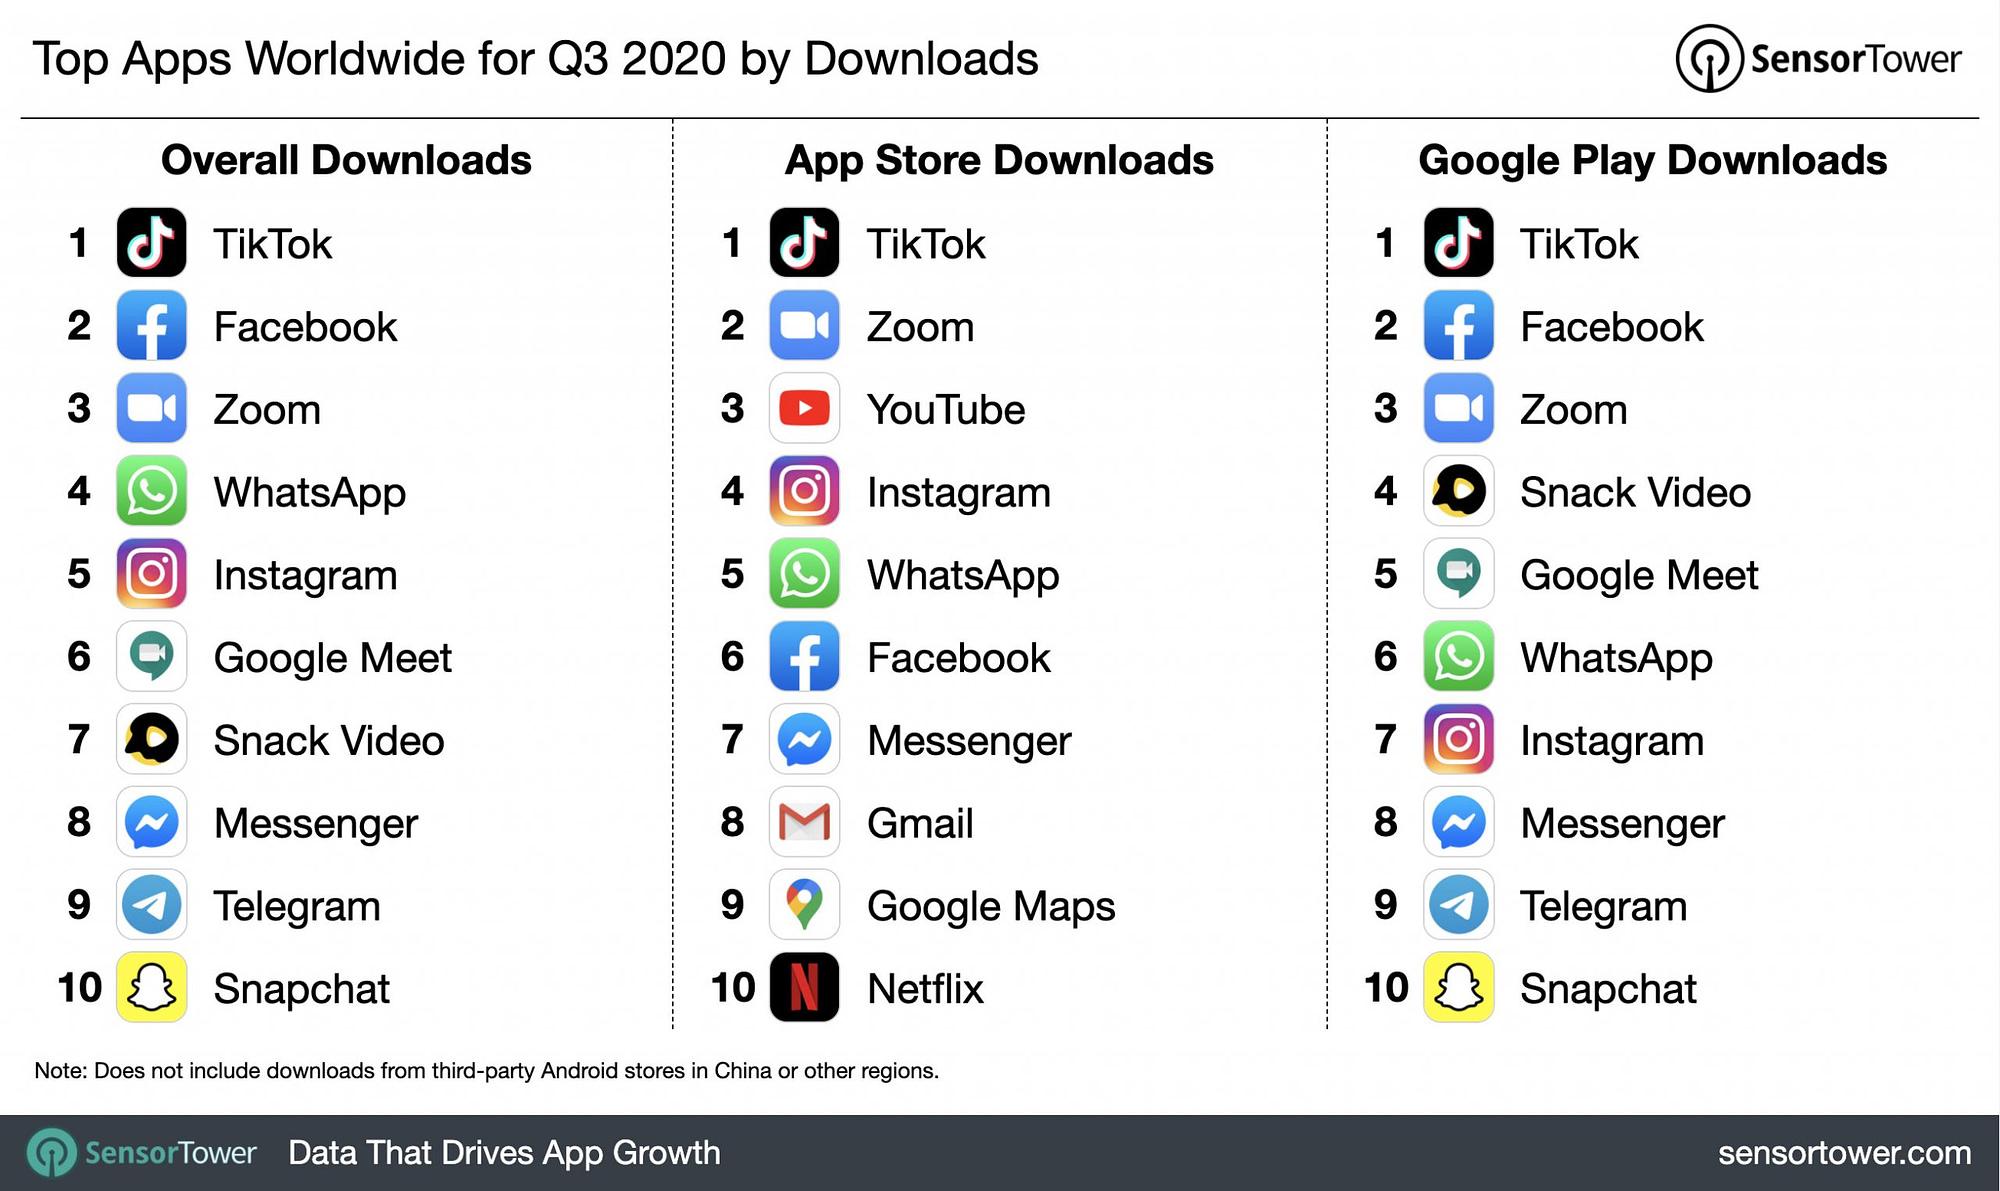 Diagram som visar de tio mest nedladdade apparna plus för Appstore och Google Play under det tredje kvartalet 2020